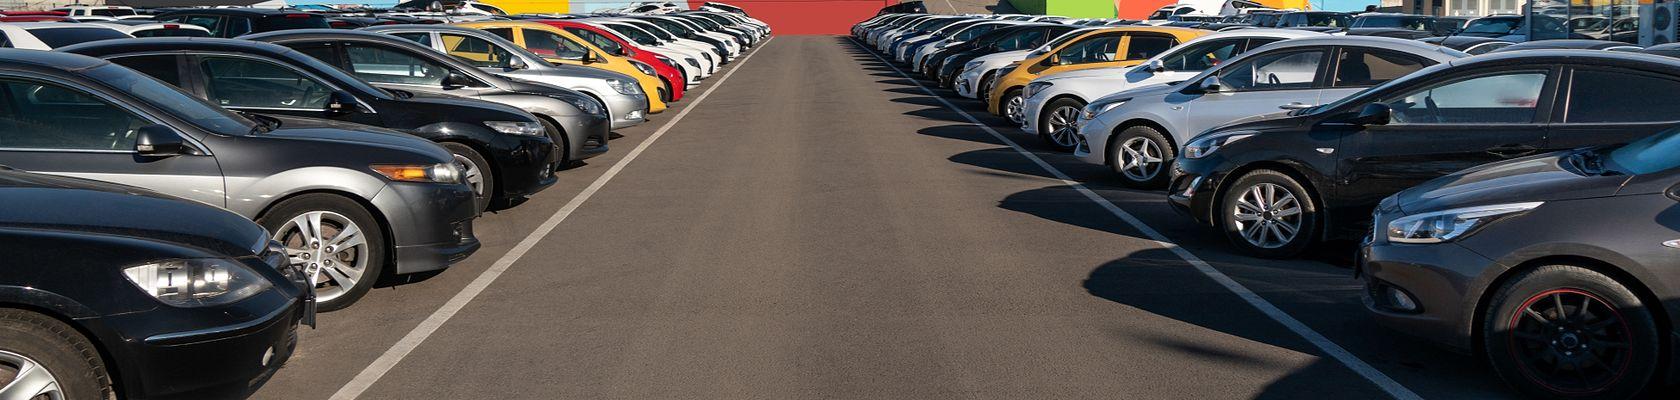 auto dealerships parking lot